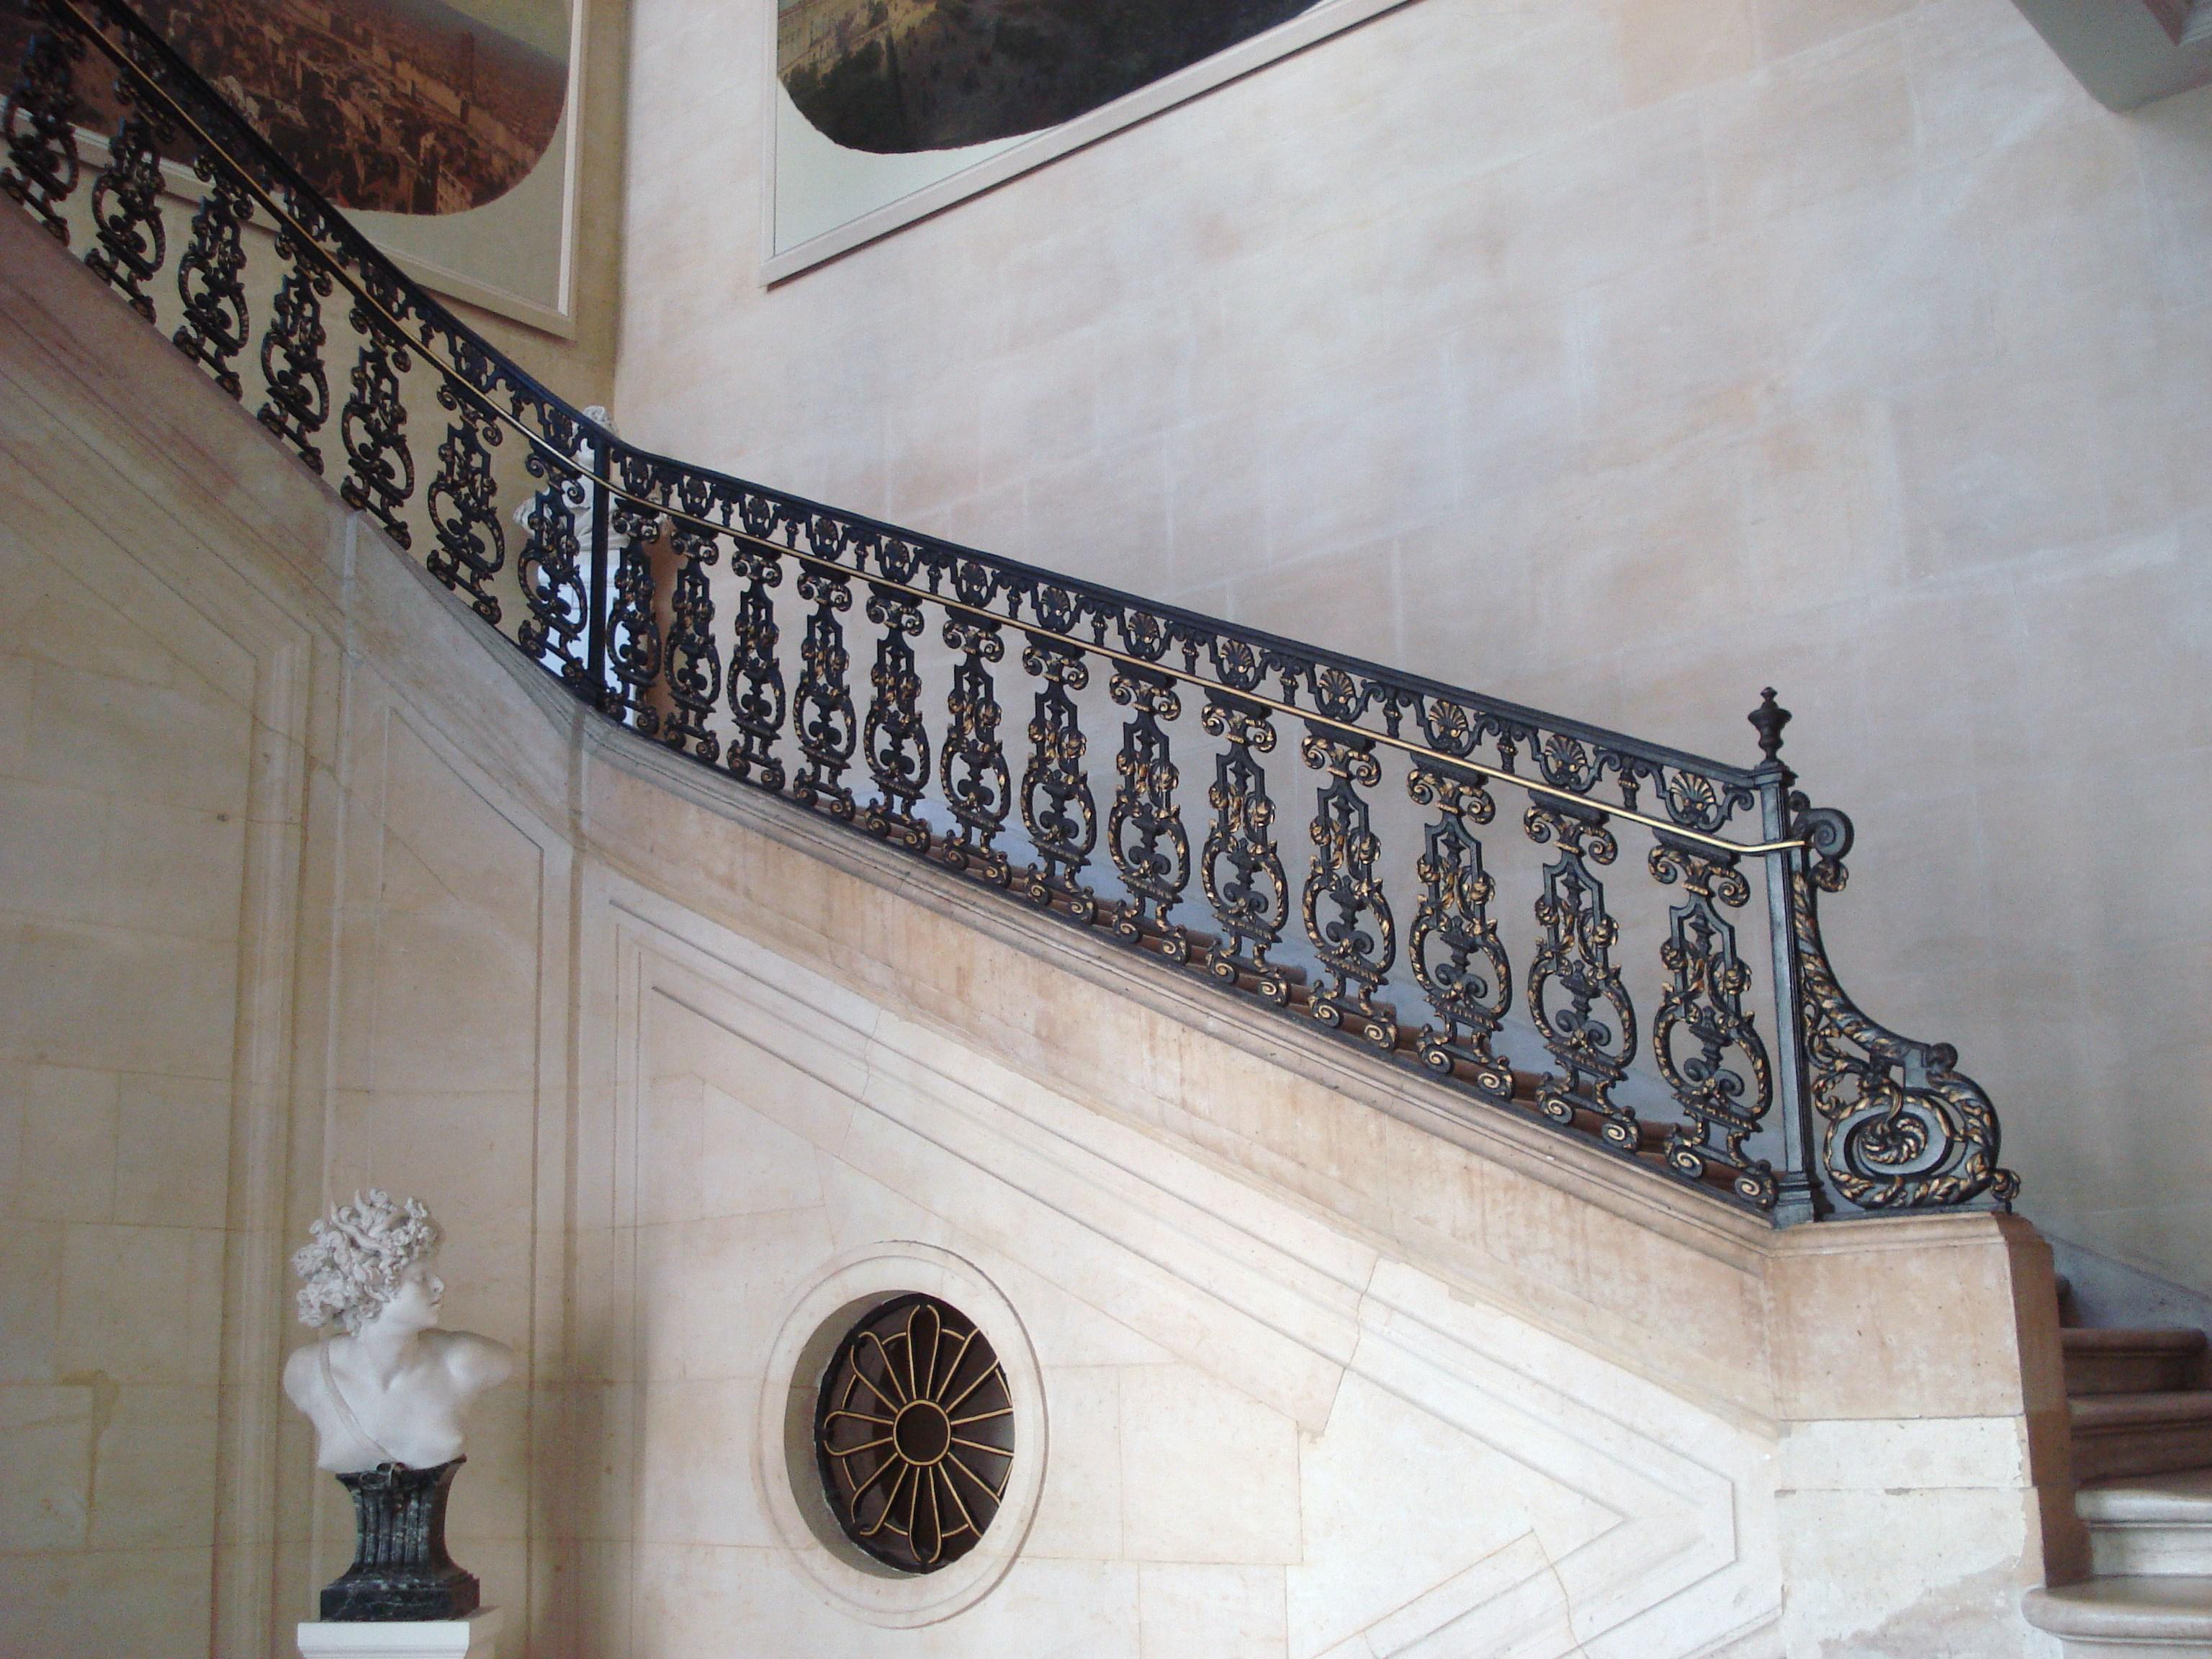 Hôtel Le Peletier de Saint-Fargeau